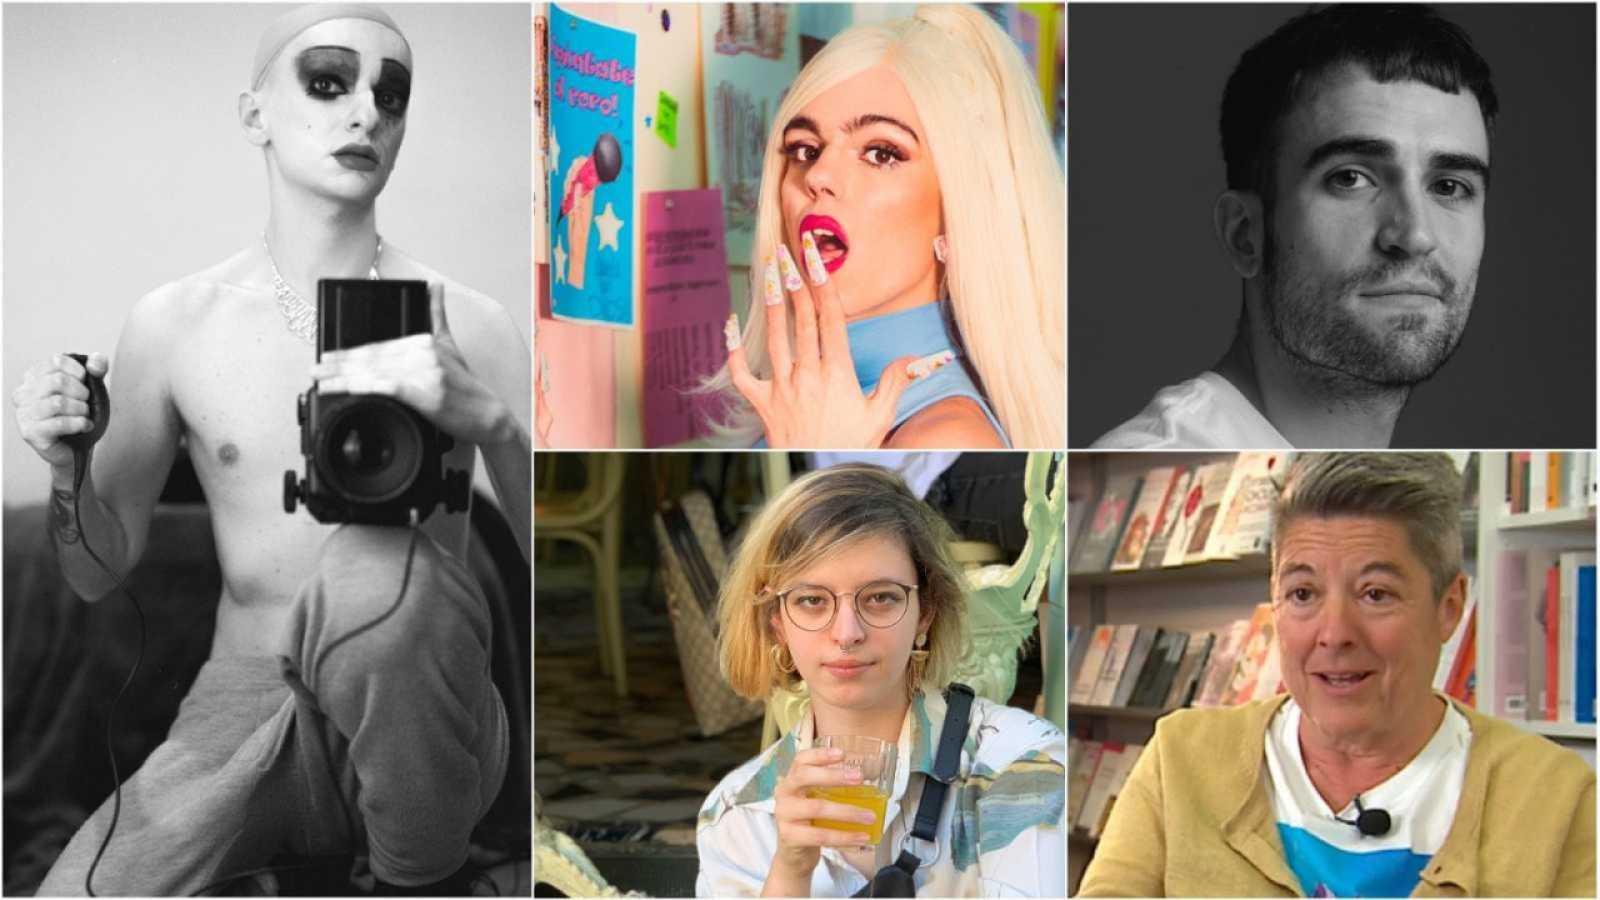 Utopías - La necesidad de referentes LGTBIQ+ en la cultura - 21/03/21 - escuchar ahora